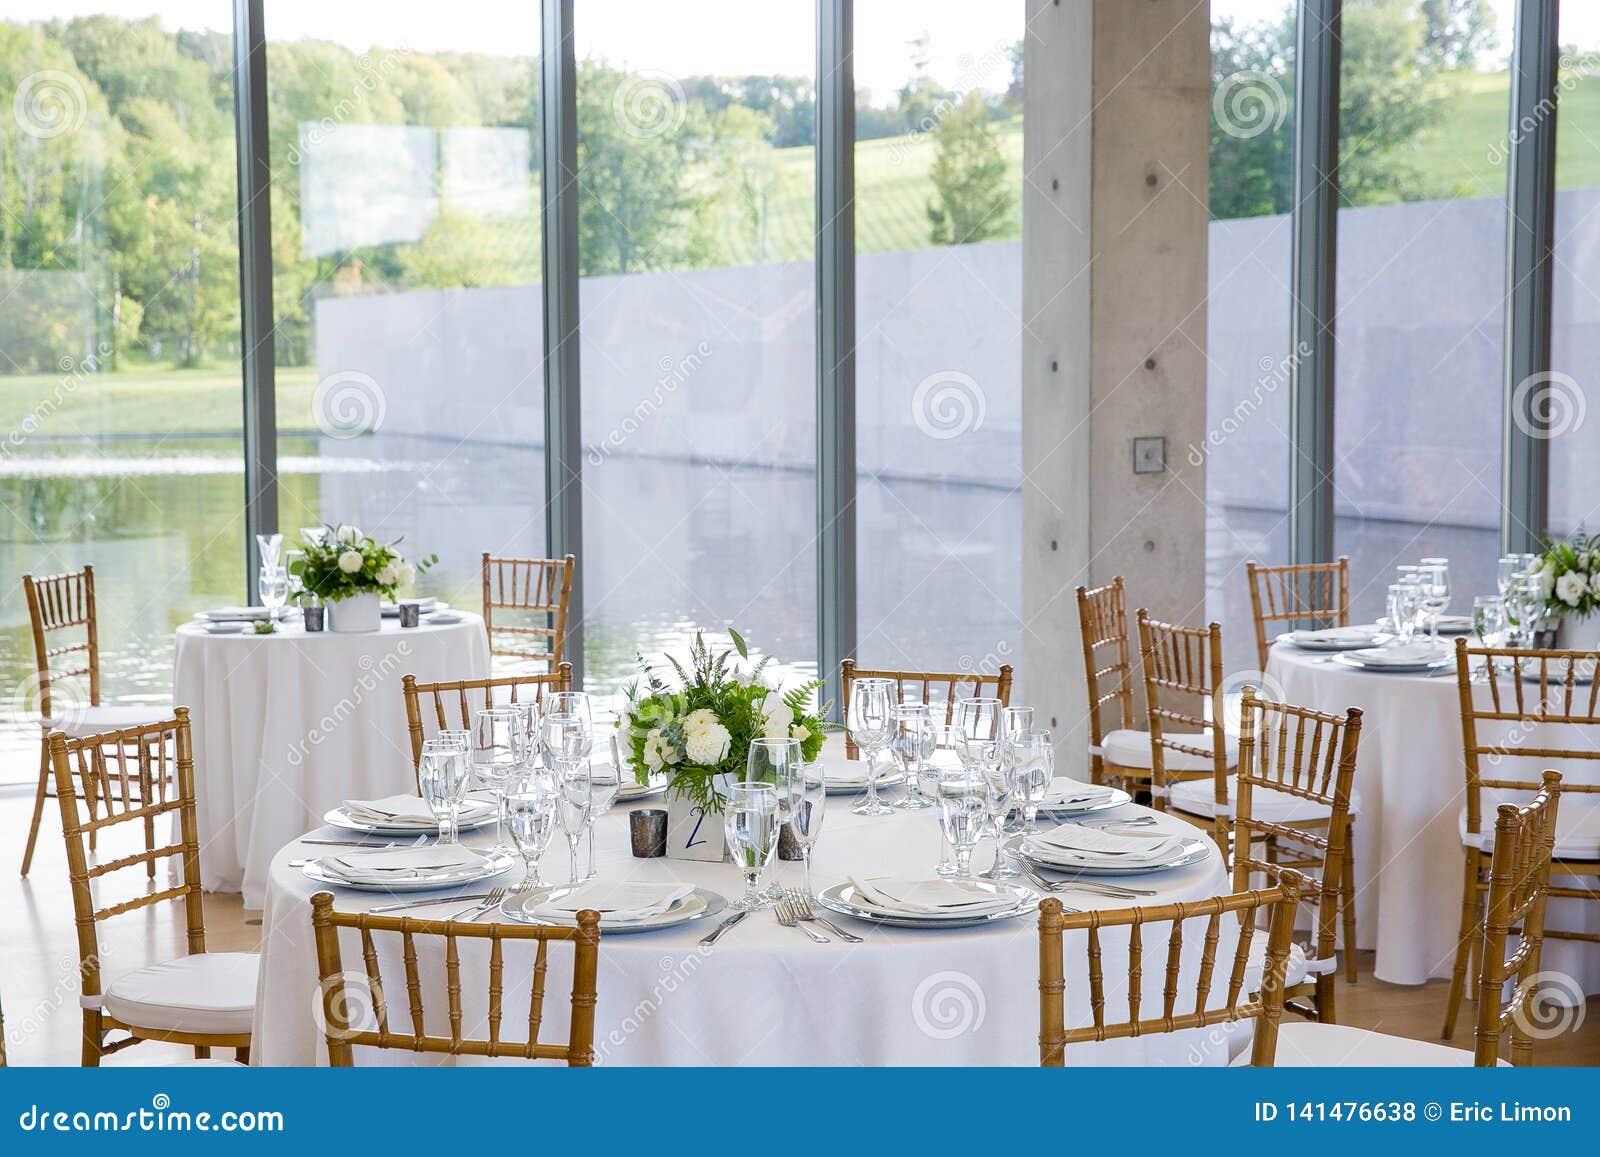 Épousant des tables mises pour l amende dinant à un événement approvisionné de fantaisie - série de table de mariage